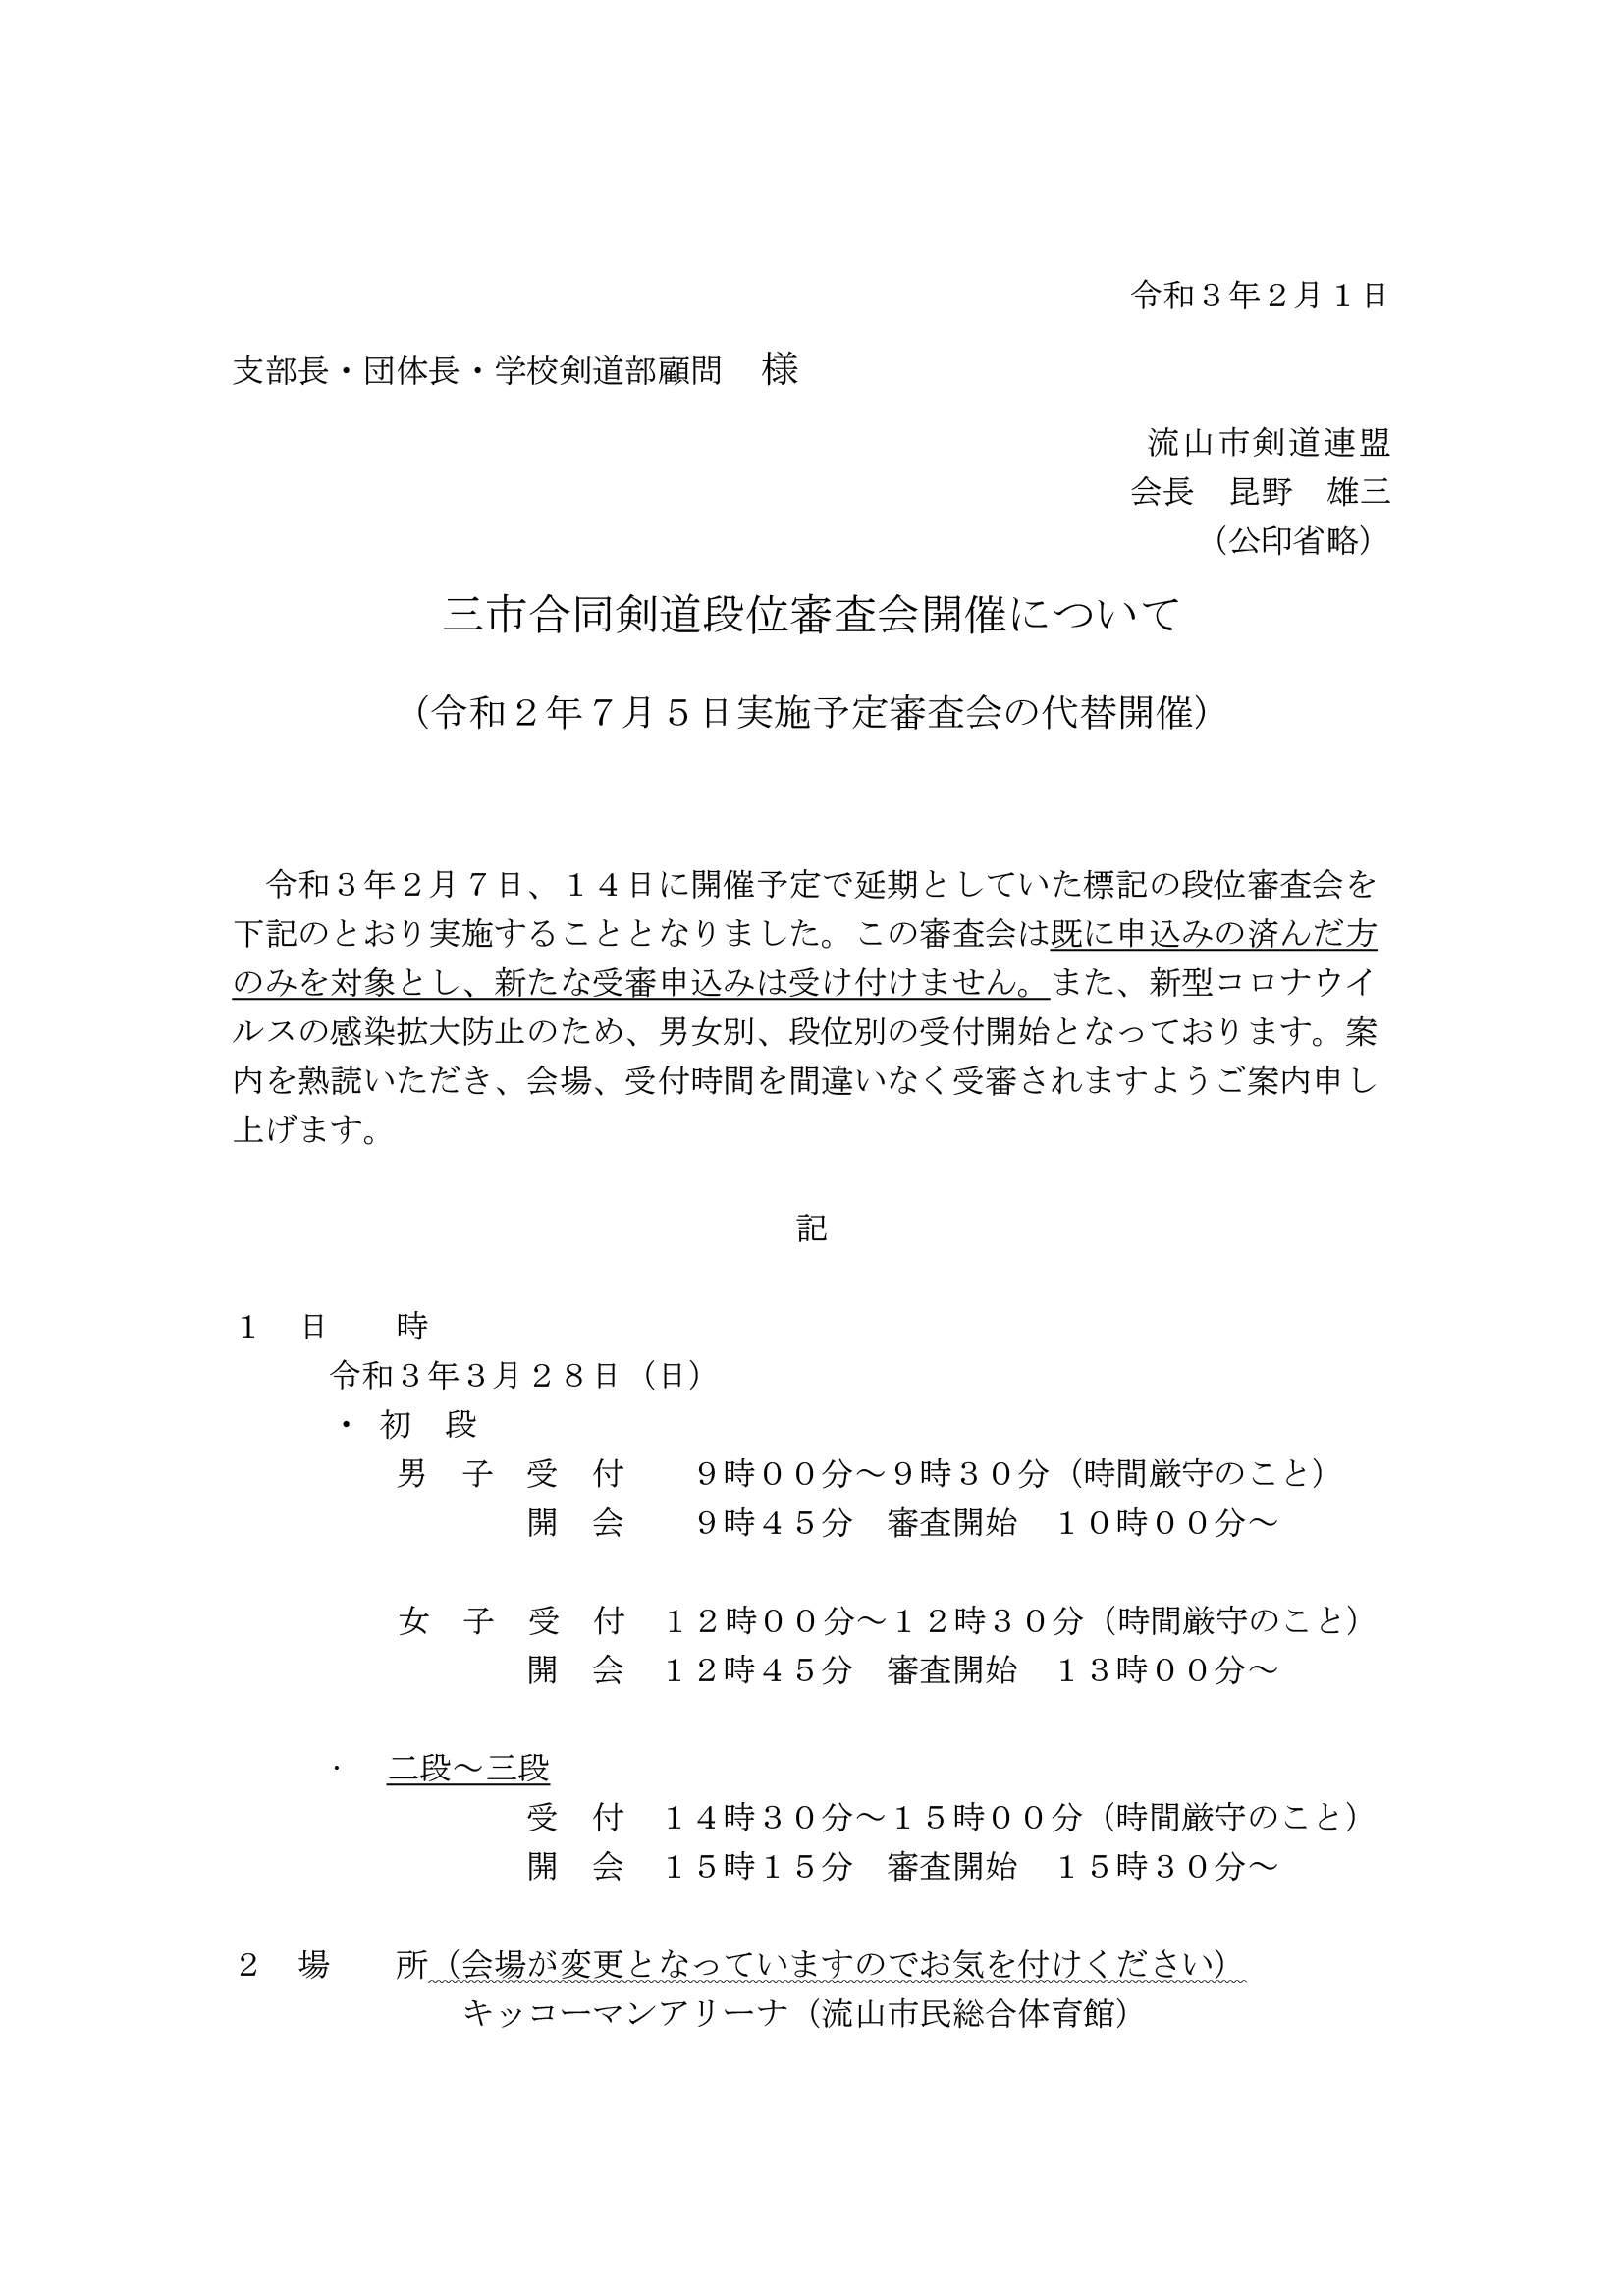 2021.3.28三市合同審査会案内文_0001